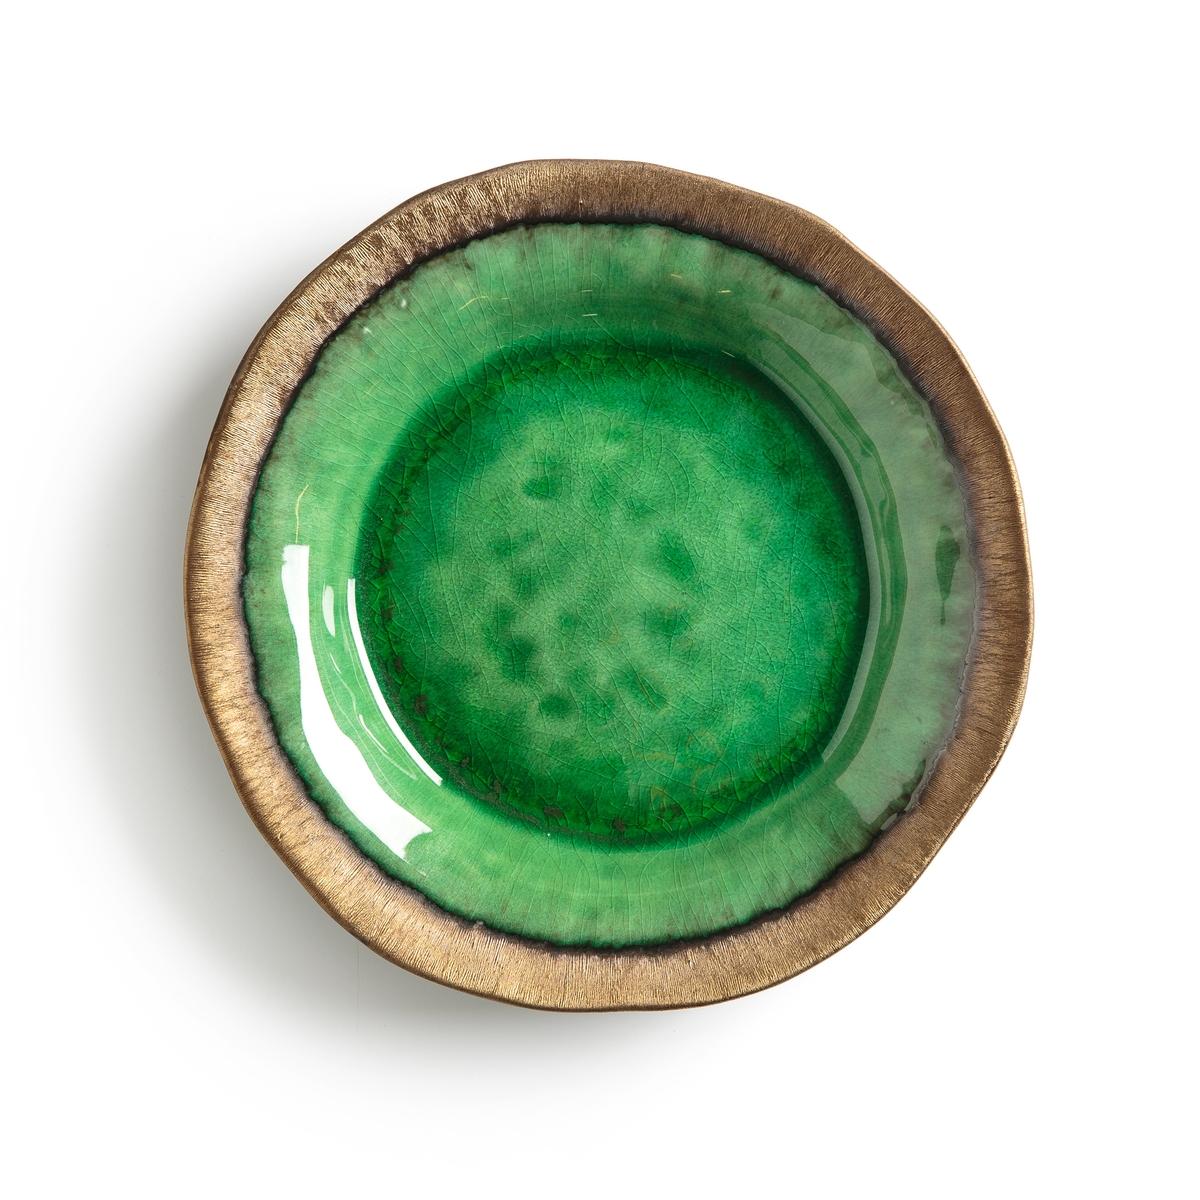 Тарелка La Redoute Десертная из глазурованной керамики Altadill единый размер зеленый